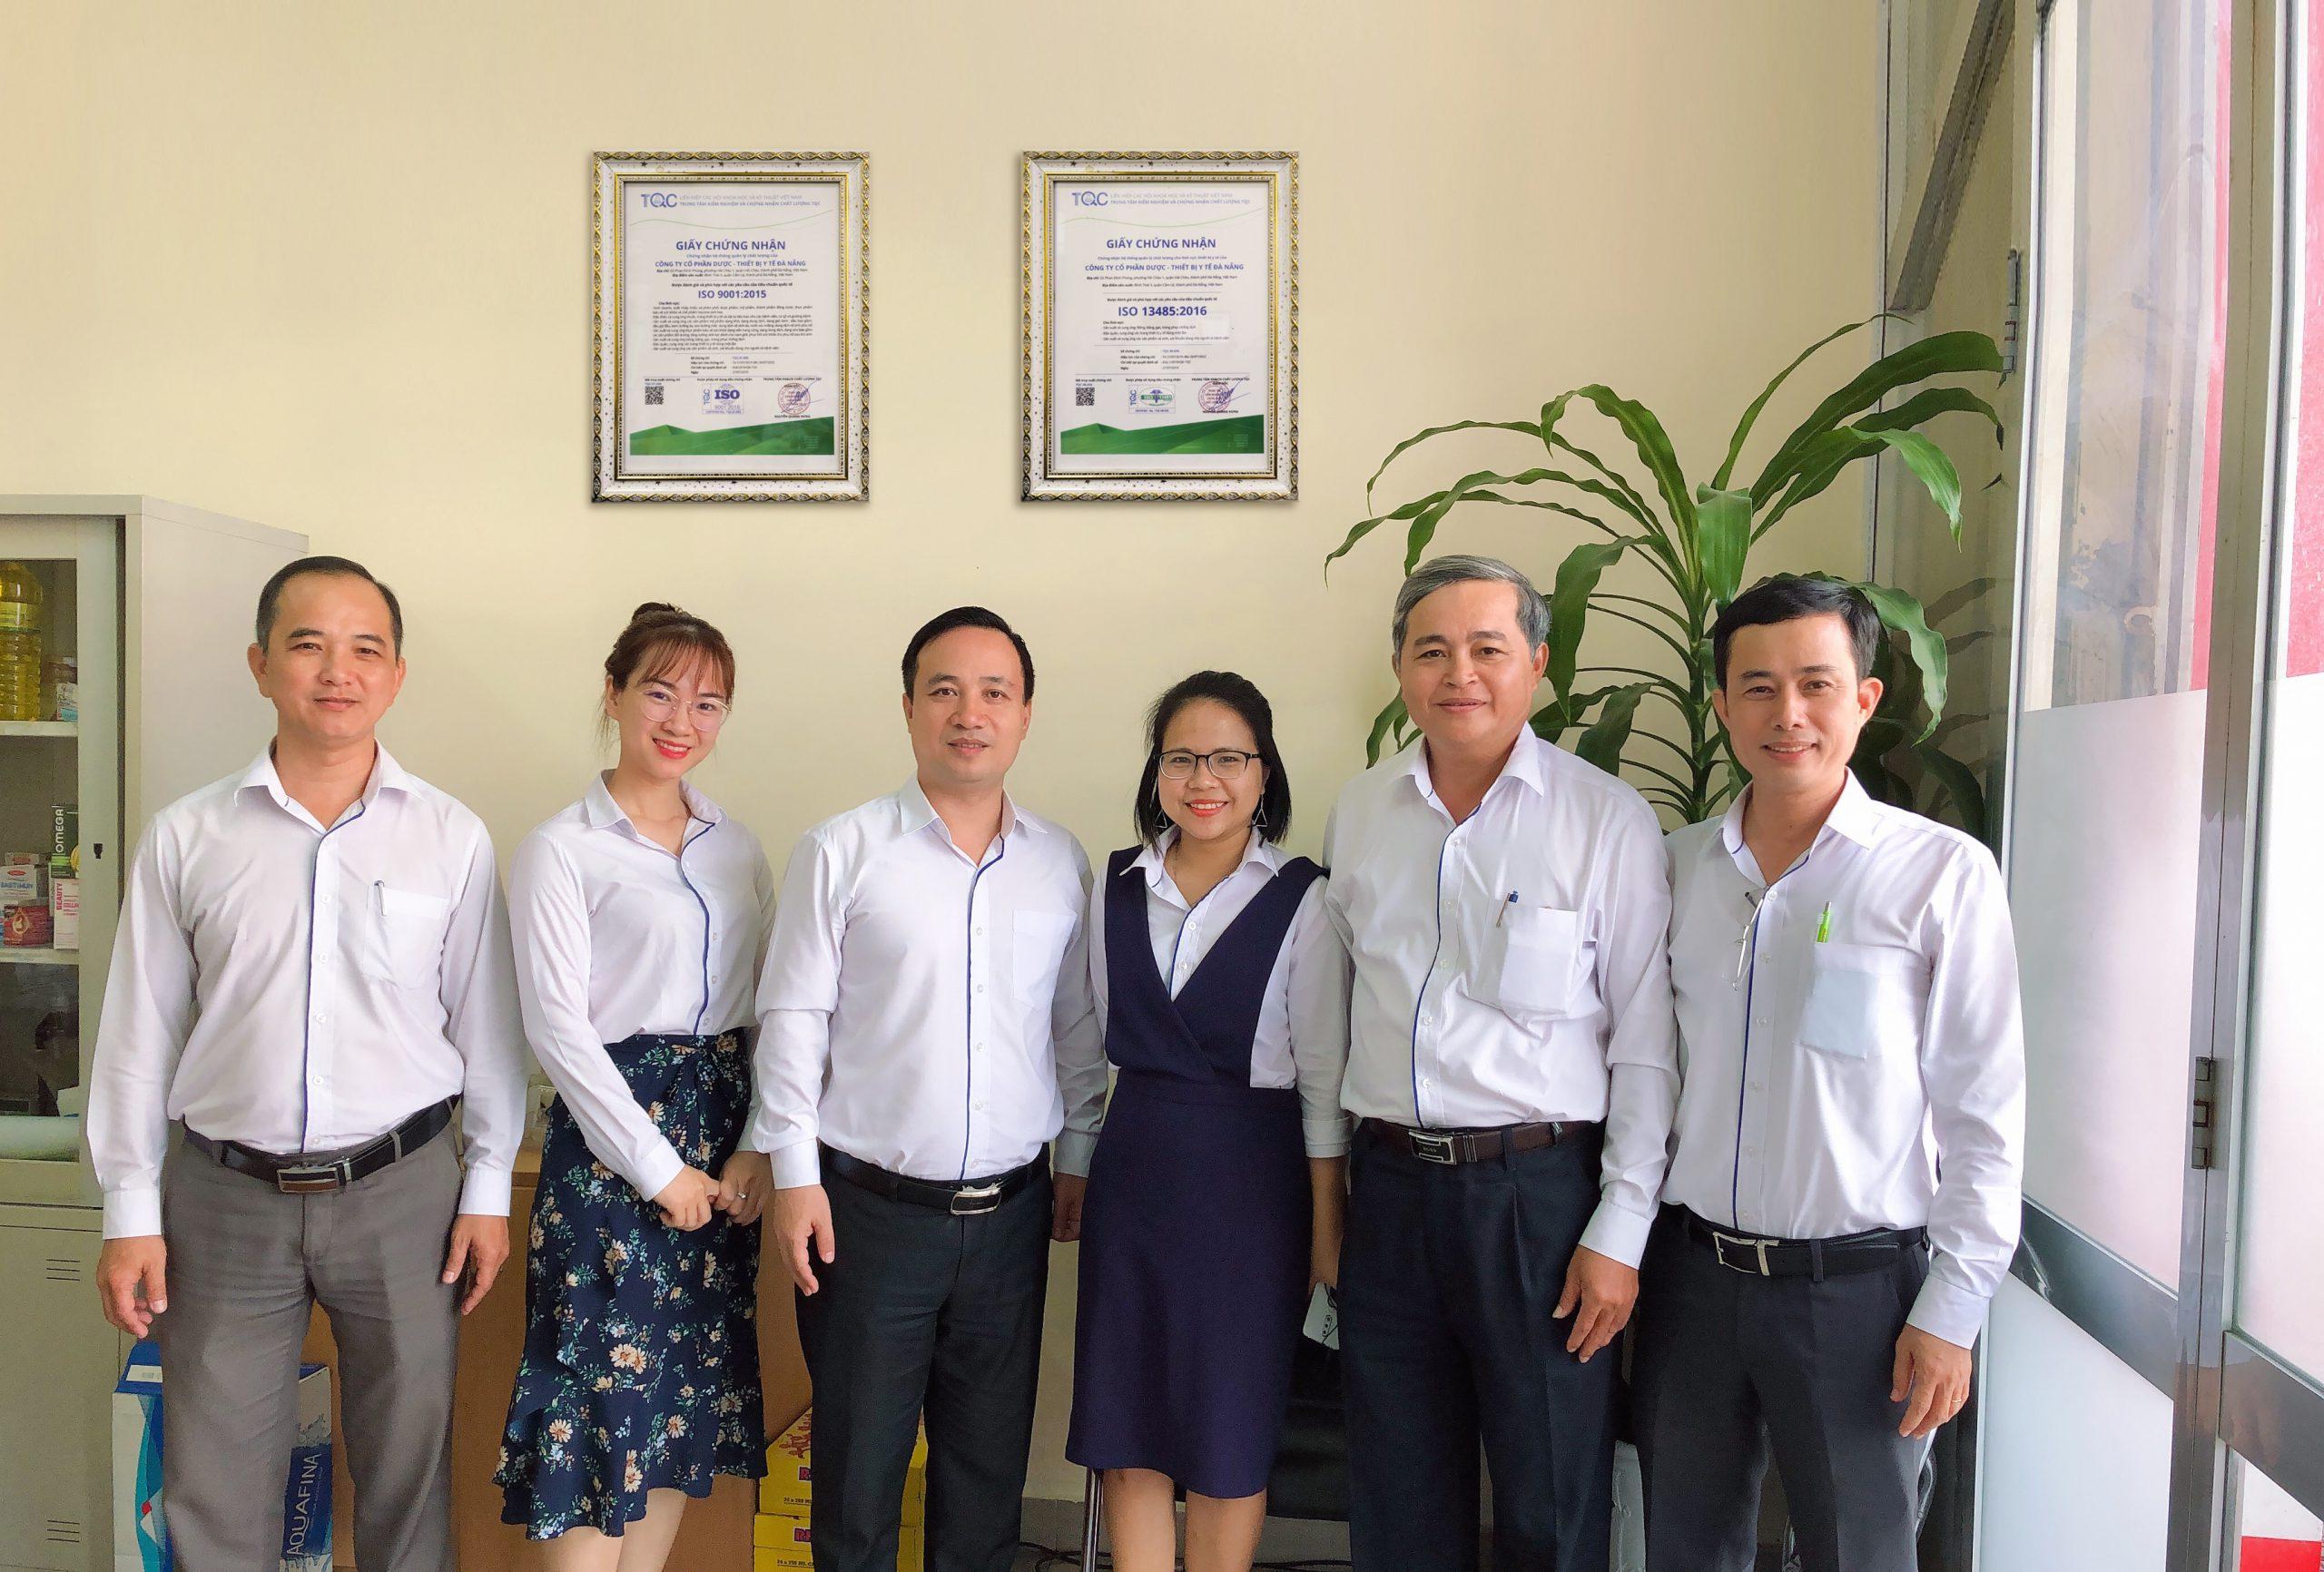 Dapharco vinh dự đạt 2 chứng nhận về Hệ thống quản lý chất lượng tiêu chuẩn ISO